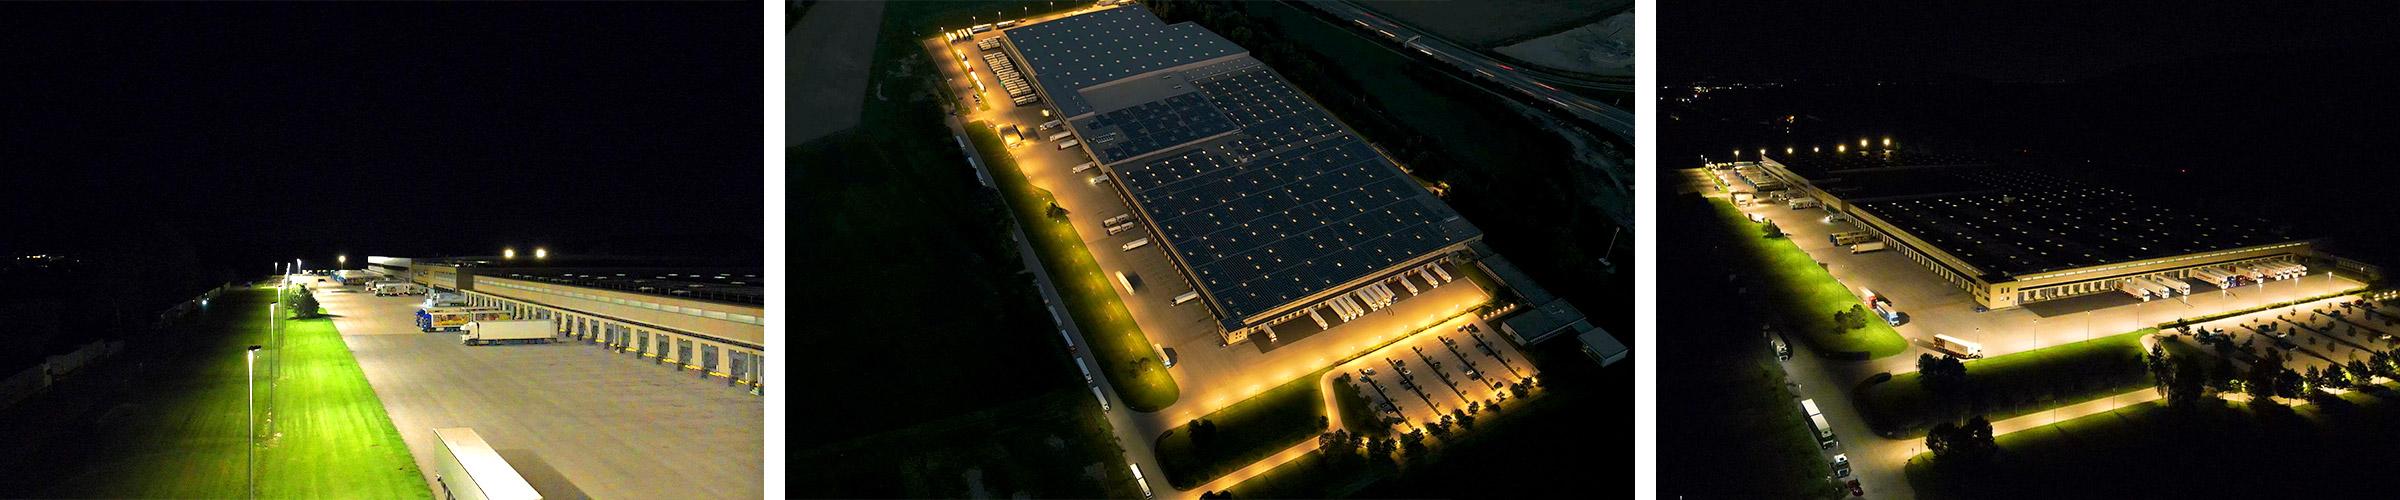 SML LED Hofer Stockerau Aussenbeleuchtung mit Flutlicht